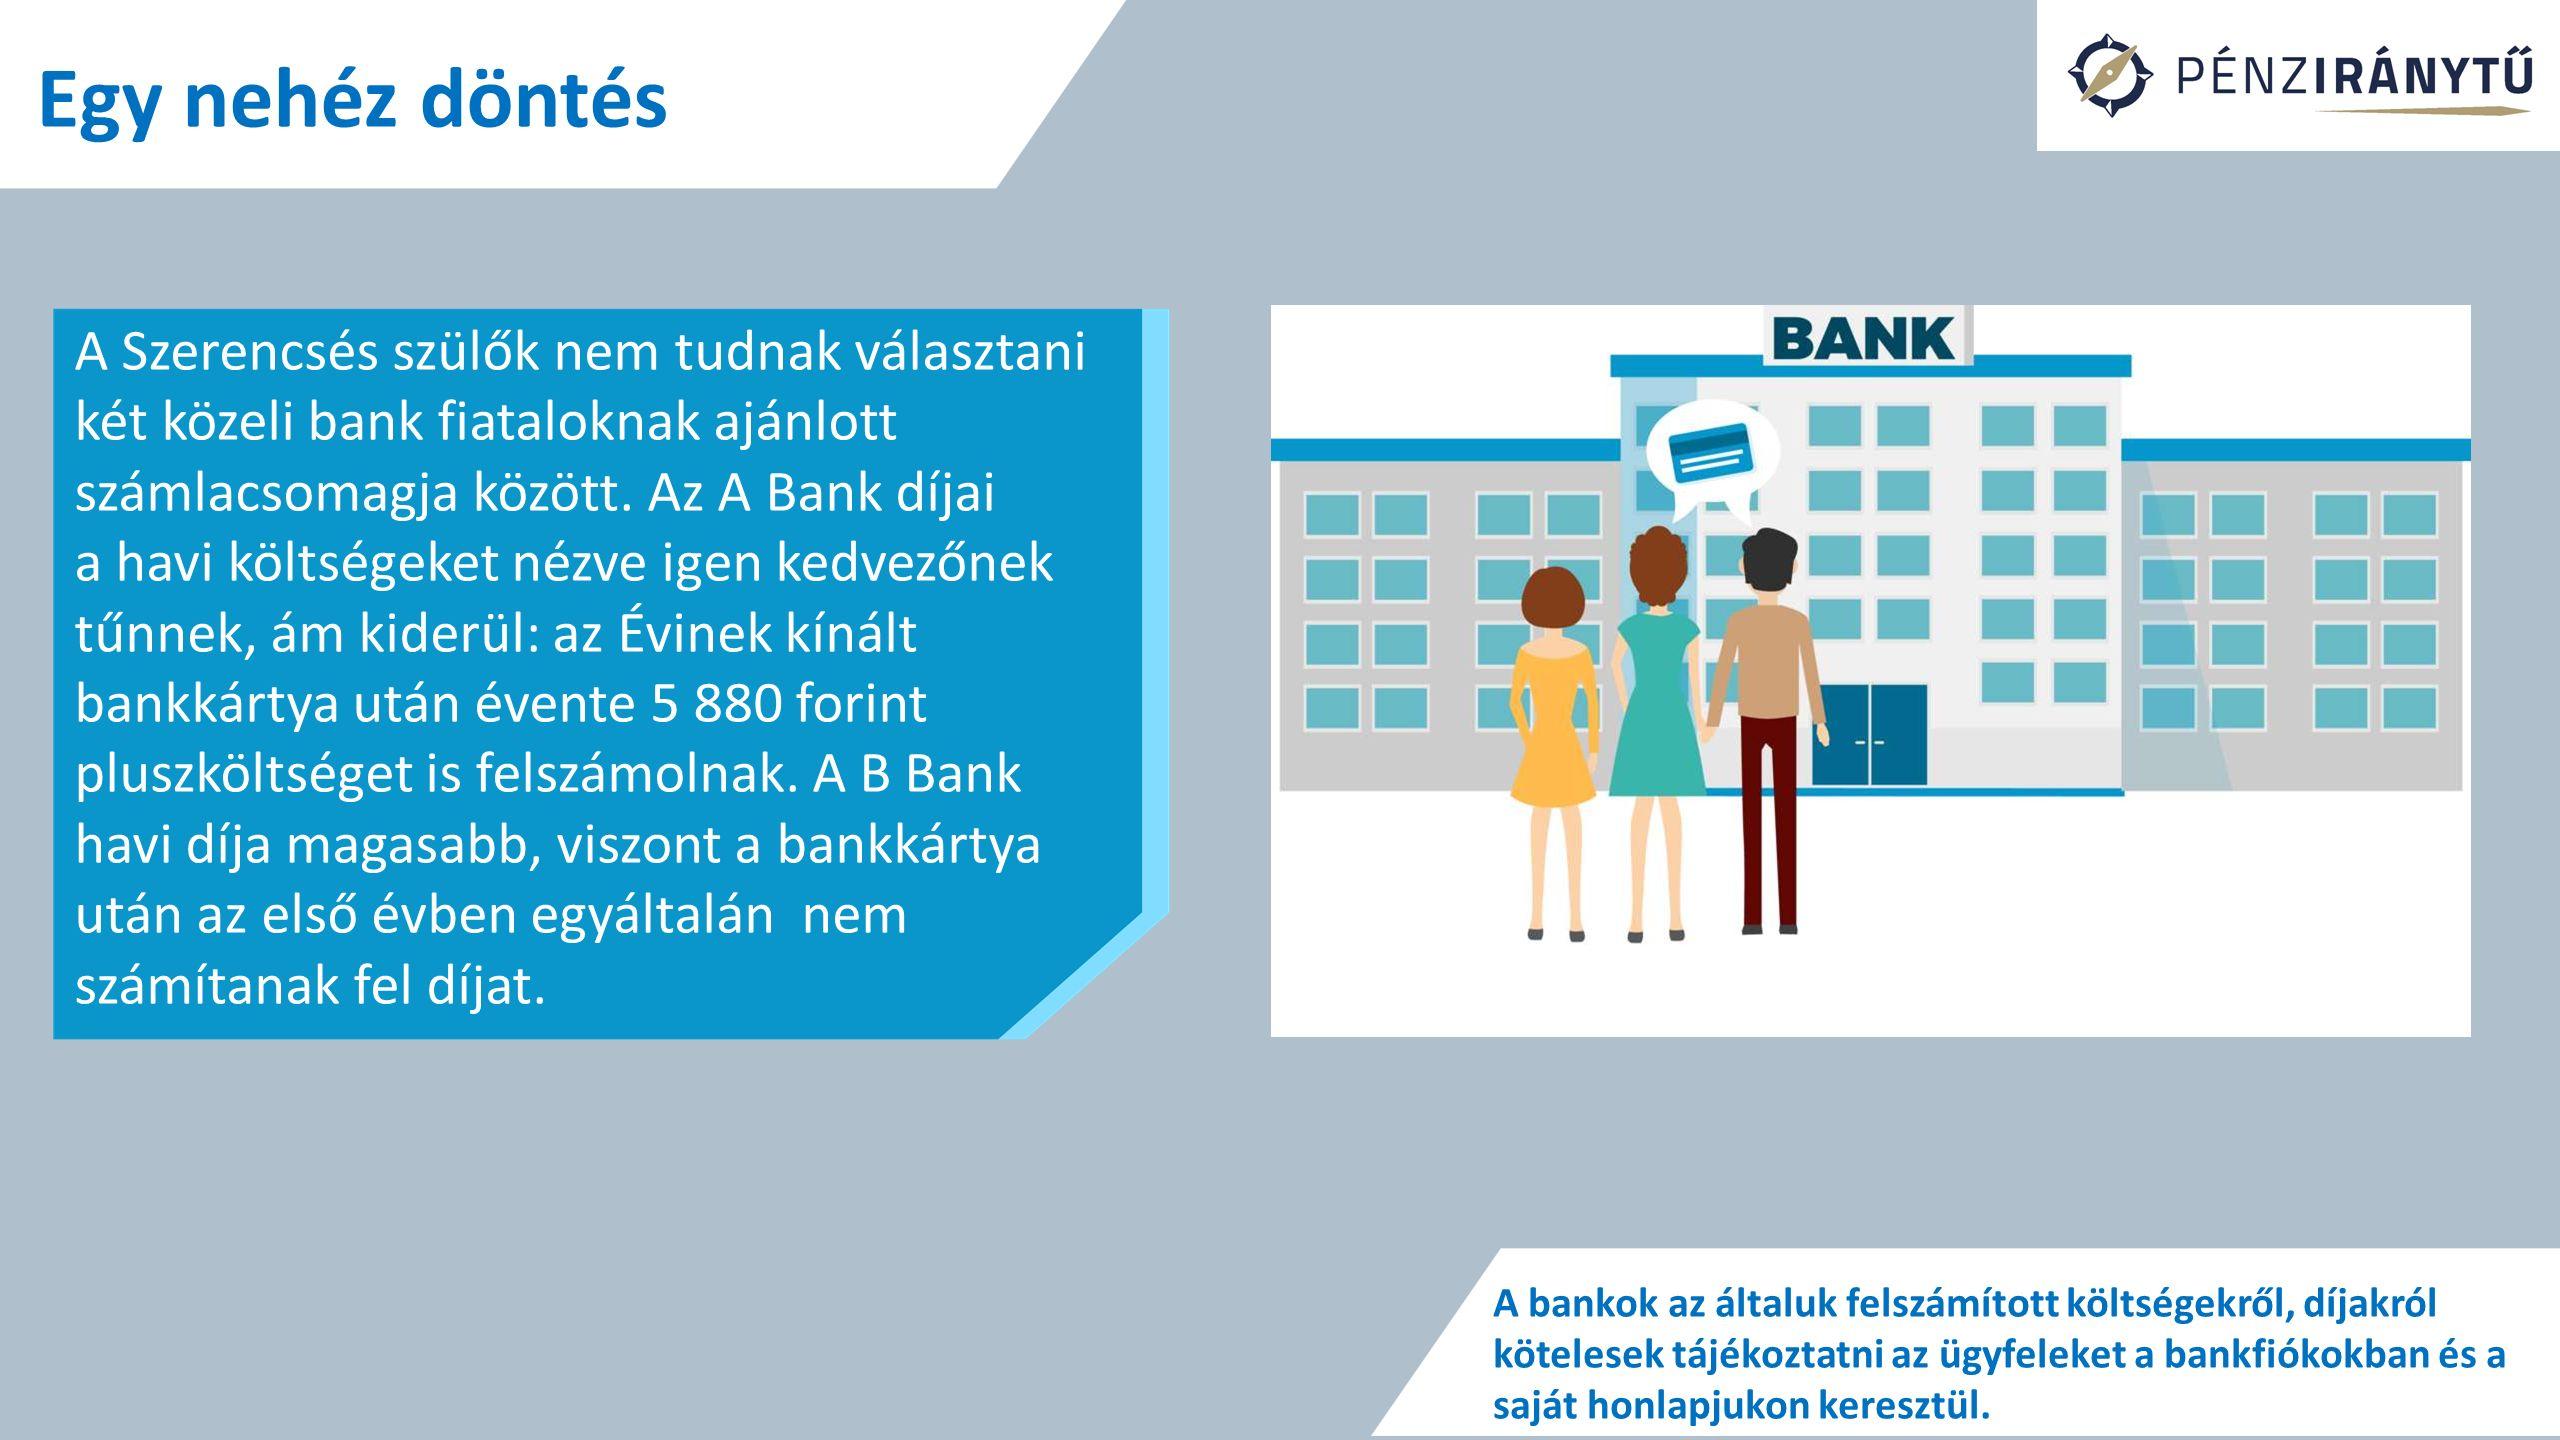 Egy nehéz döntés A Szerencsés szülők nem tudnak választani két közeli bank fiataloknak ajánlott számlacsomagja között.